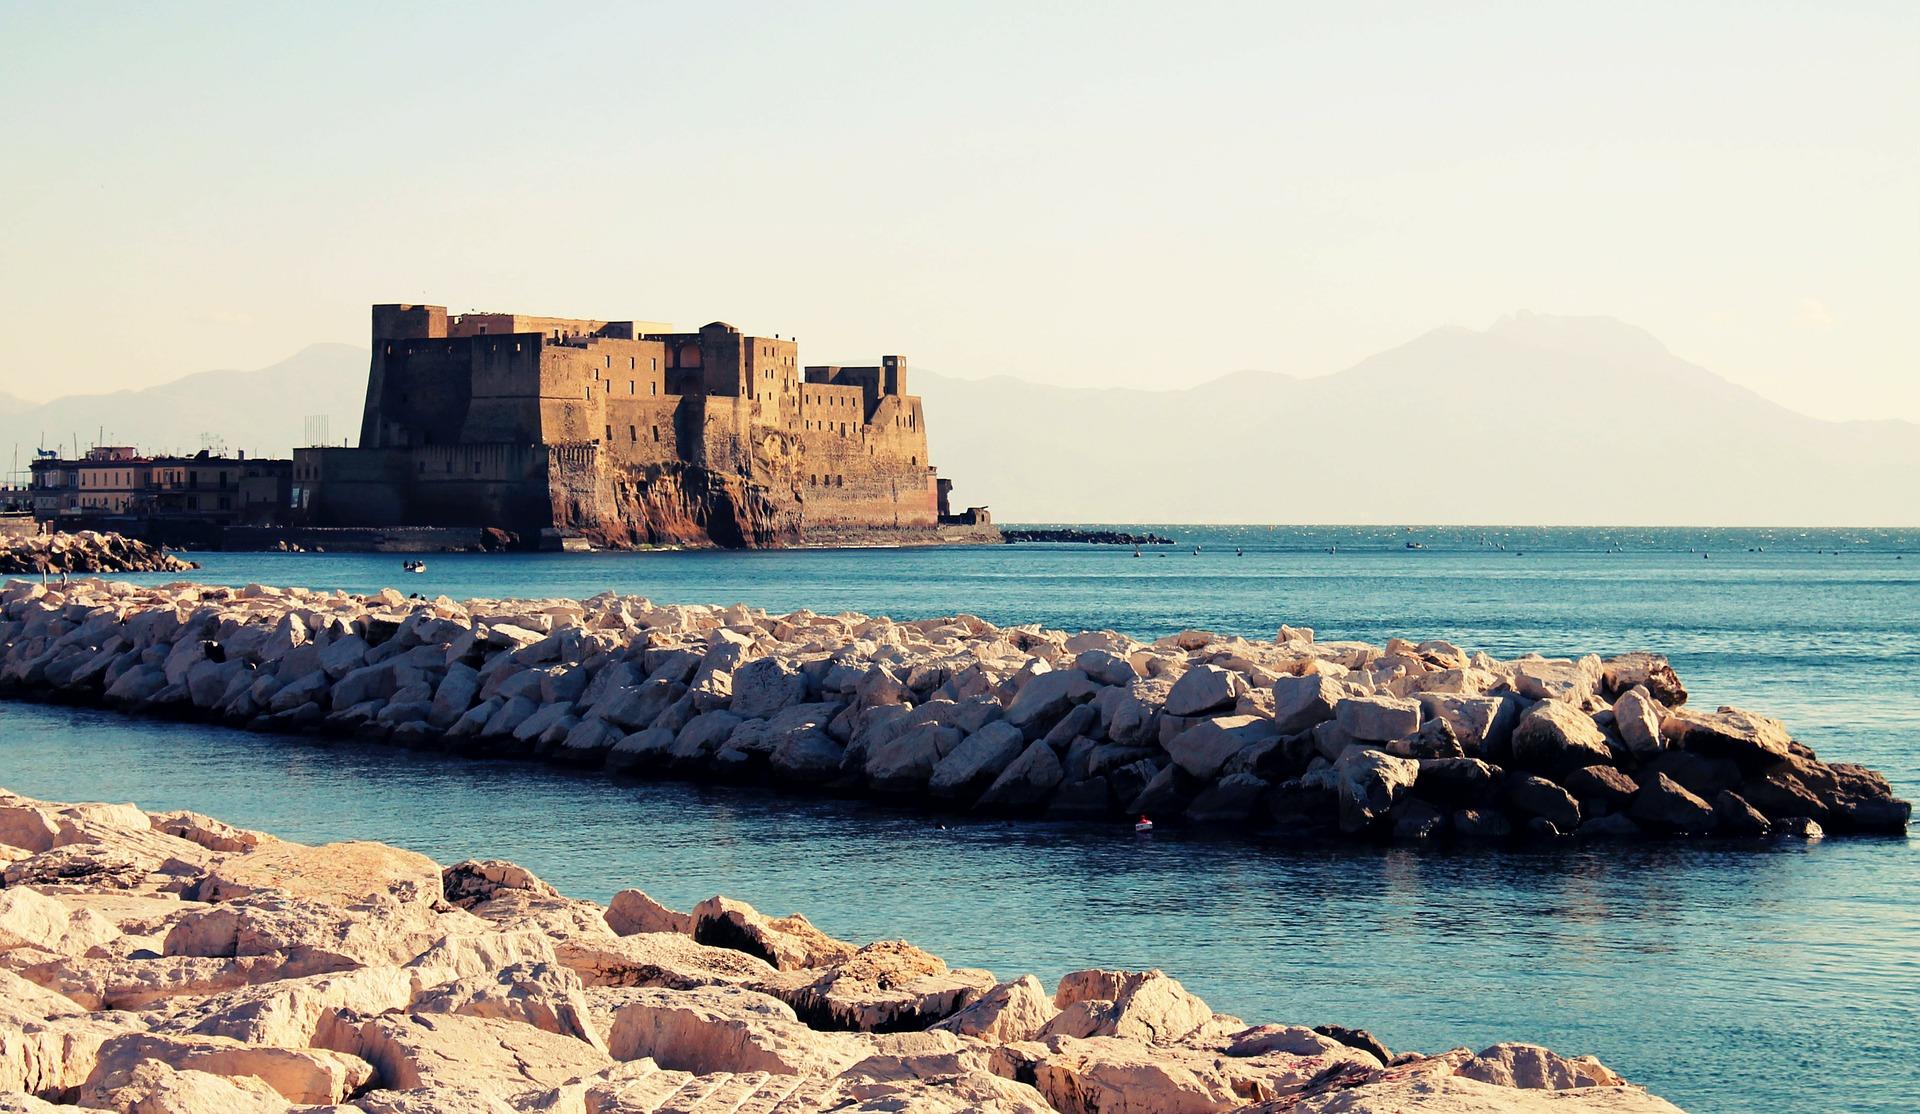 Cosa fare a Napoli: attrazioni da visitare e itinerario da seguire